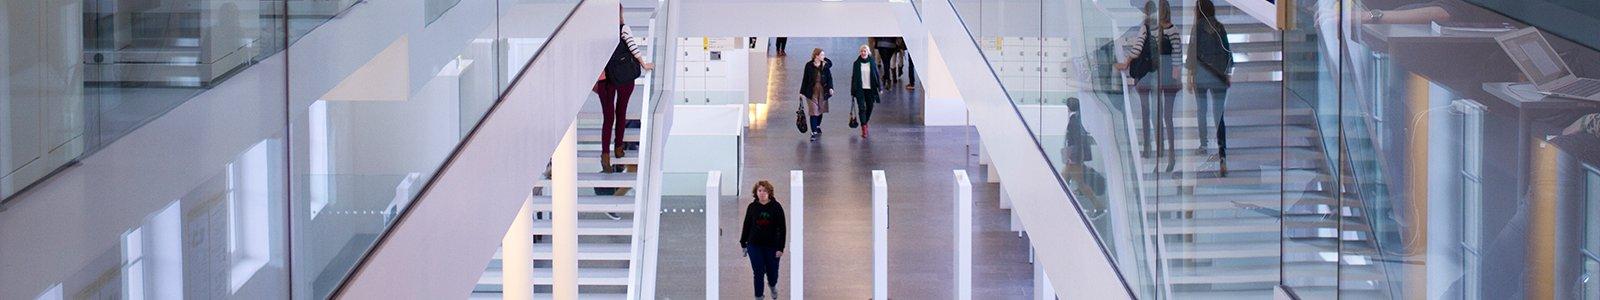 Universiteitsbibliotheek - locatie Binnenstad